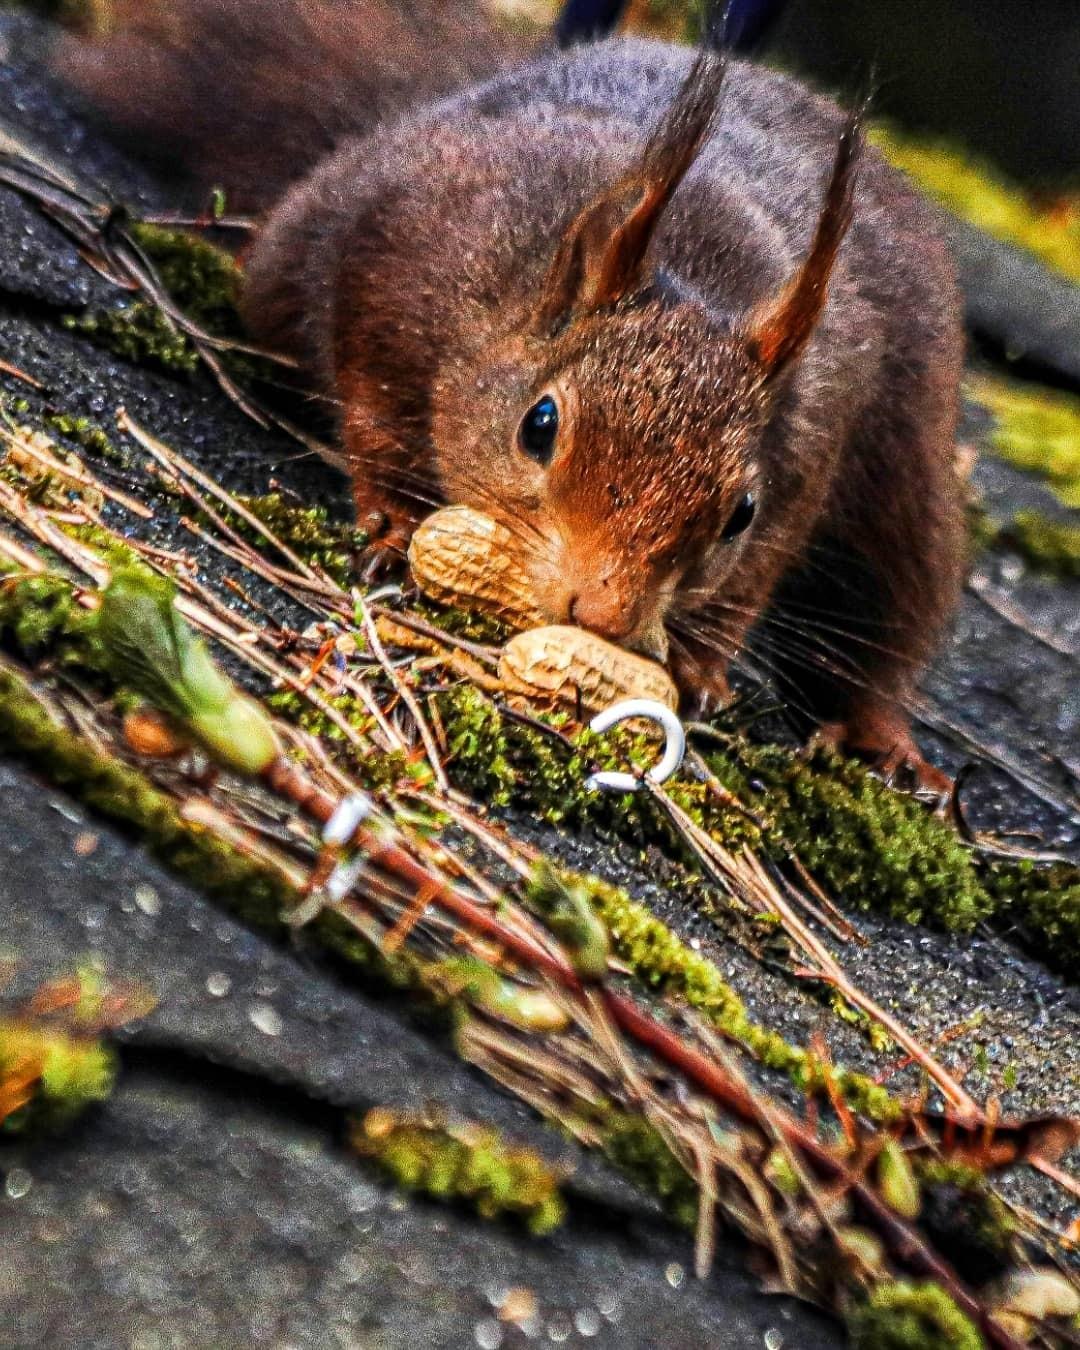 Eekhoorn - Plat op zijn buik - foto door Erikvdzwan op 12-04-2021 - locatie: Beekbergen, Nederland - deze foto bevat: knaagdier, fabriek, euraziatische rode eekhoorn, hout, bakkebaarden, takje, boom, fawn, eekhoorn, gras